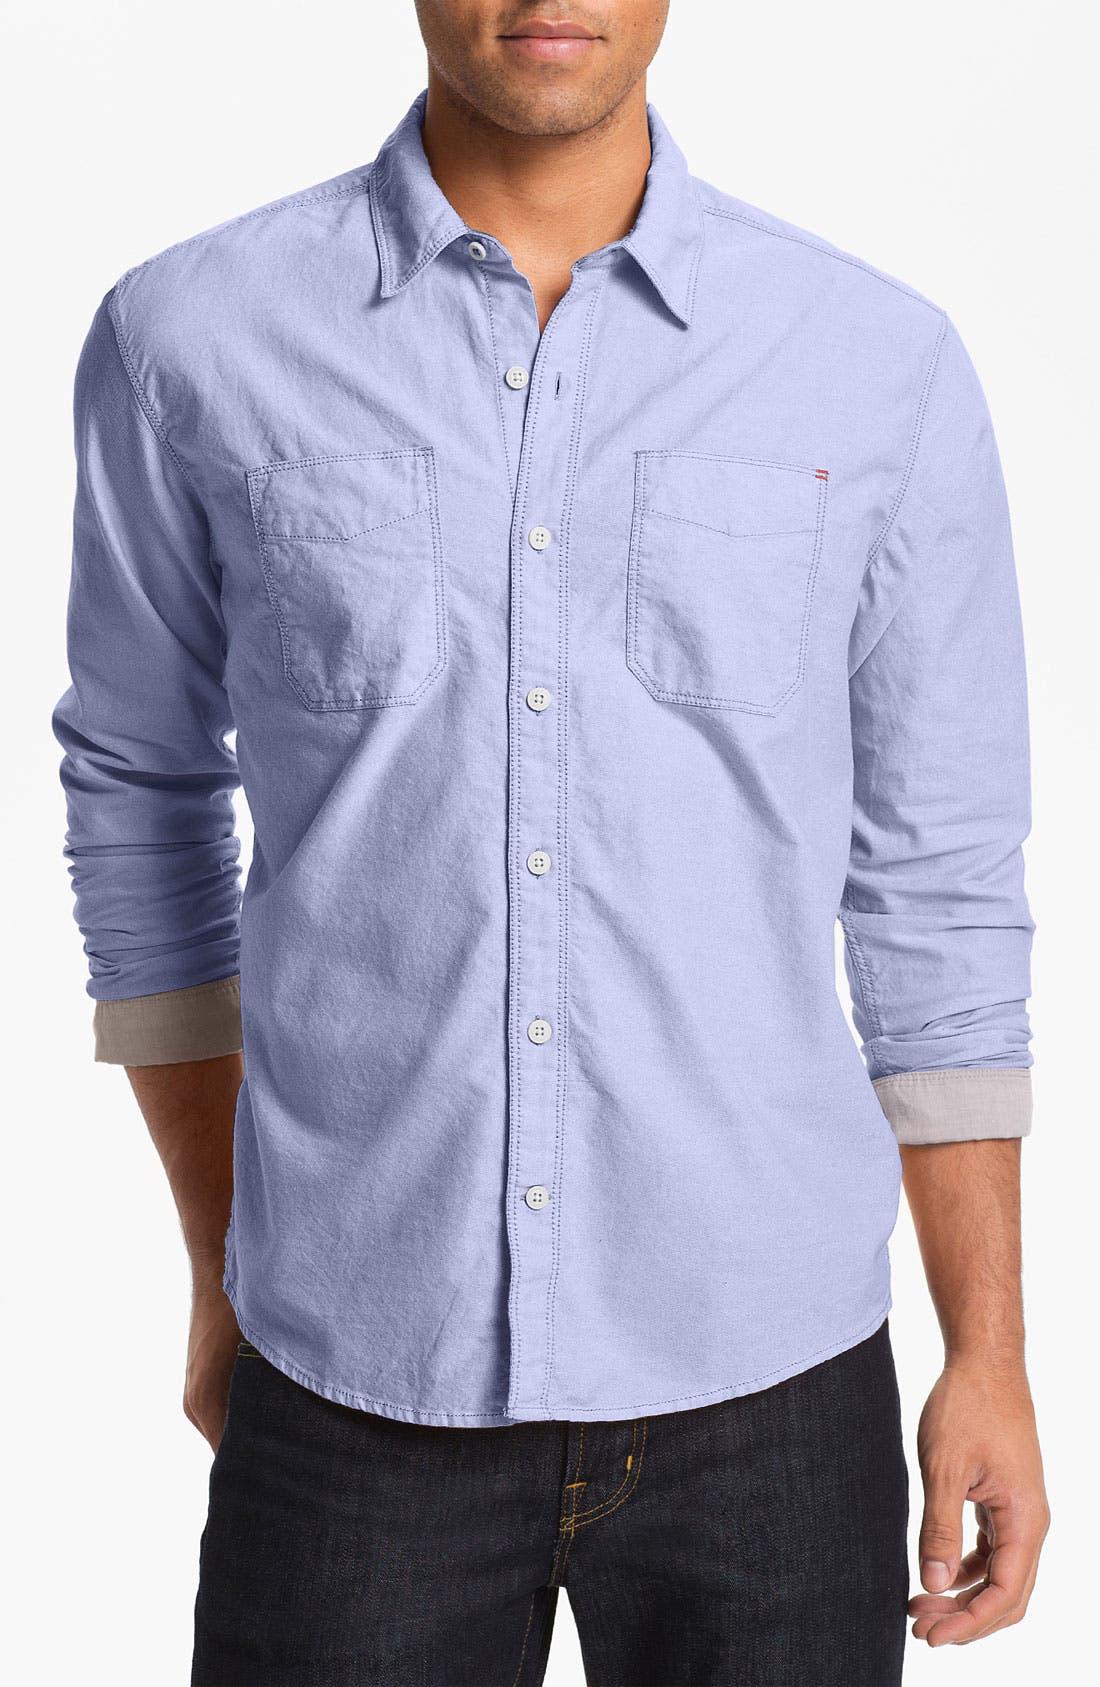 Main Image - Cutter & Buck 'Phelps Oxford' Regular Fit Sport Shirt (Big & Tall)